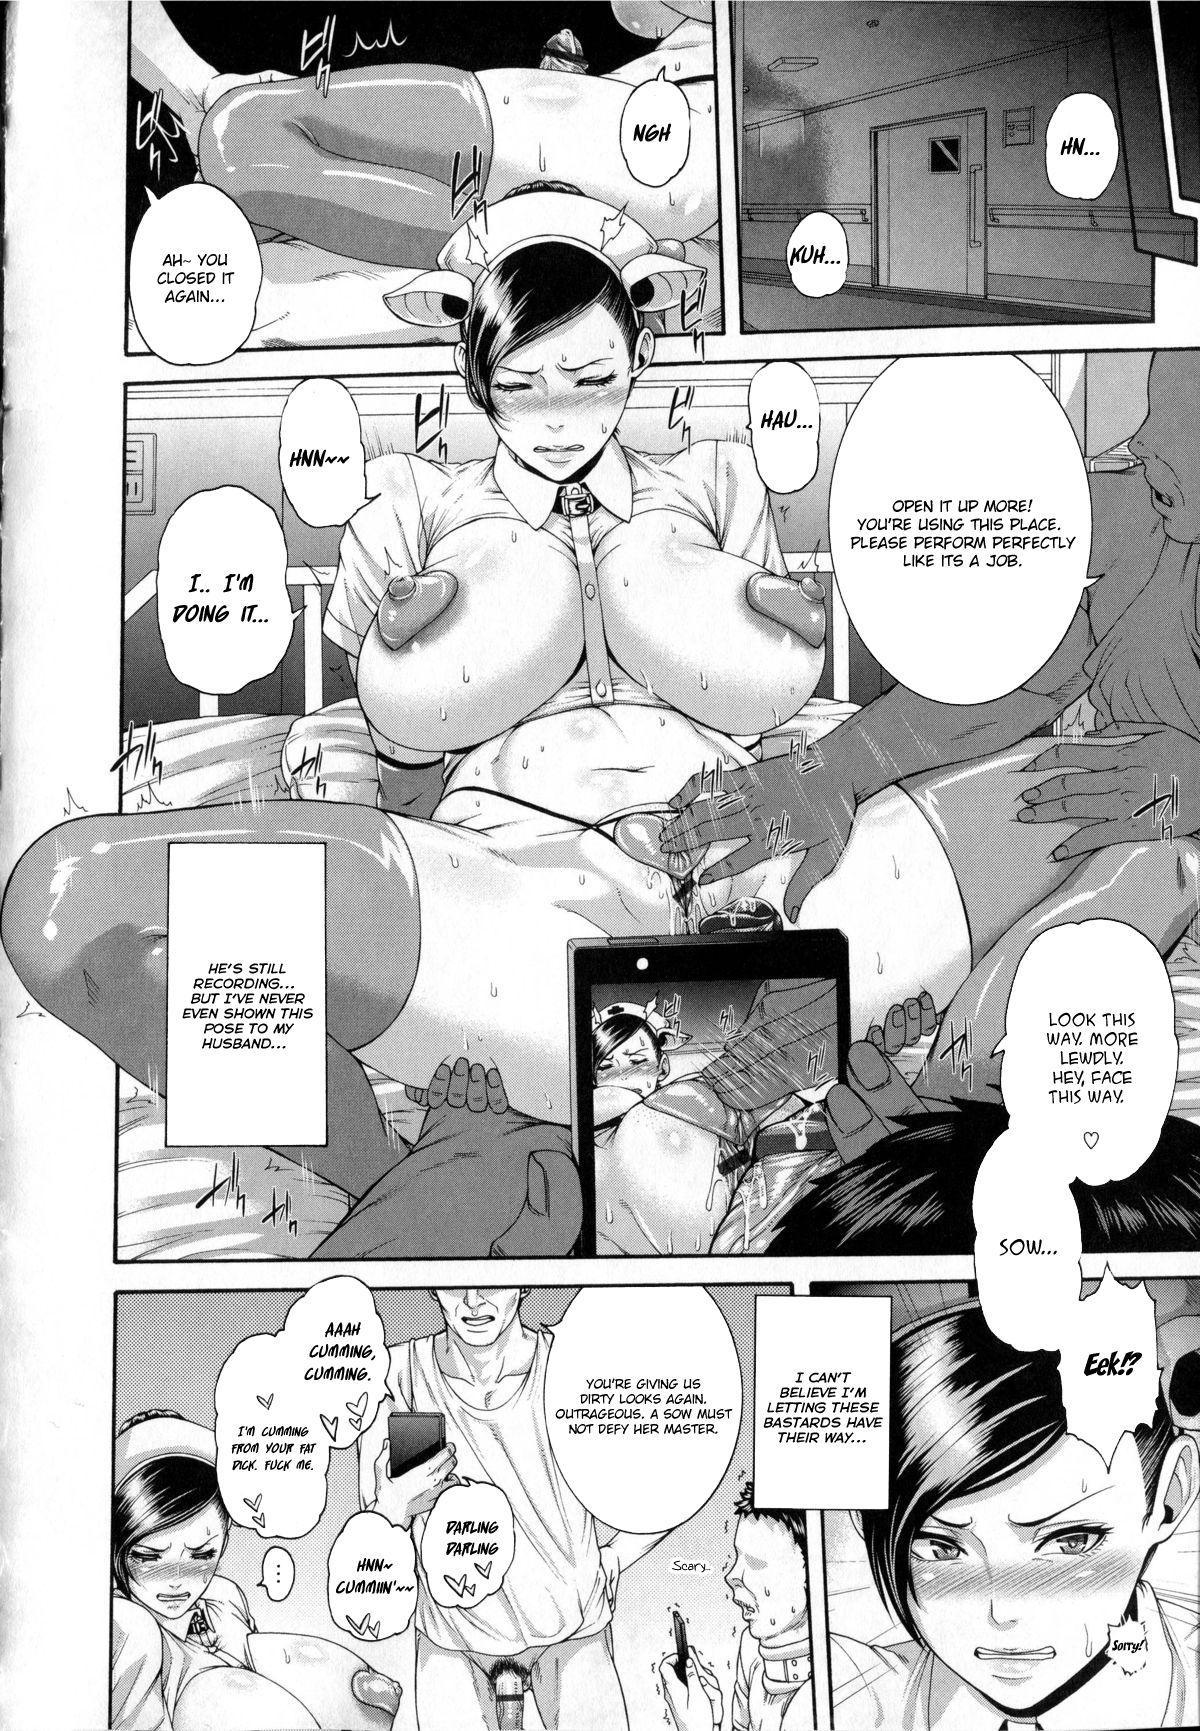 Watashi mo Kango Shidou Onegaishimasu! | Please give me nursing guidance too! 3